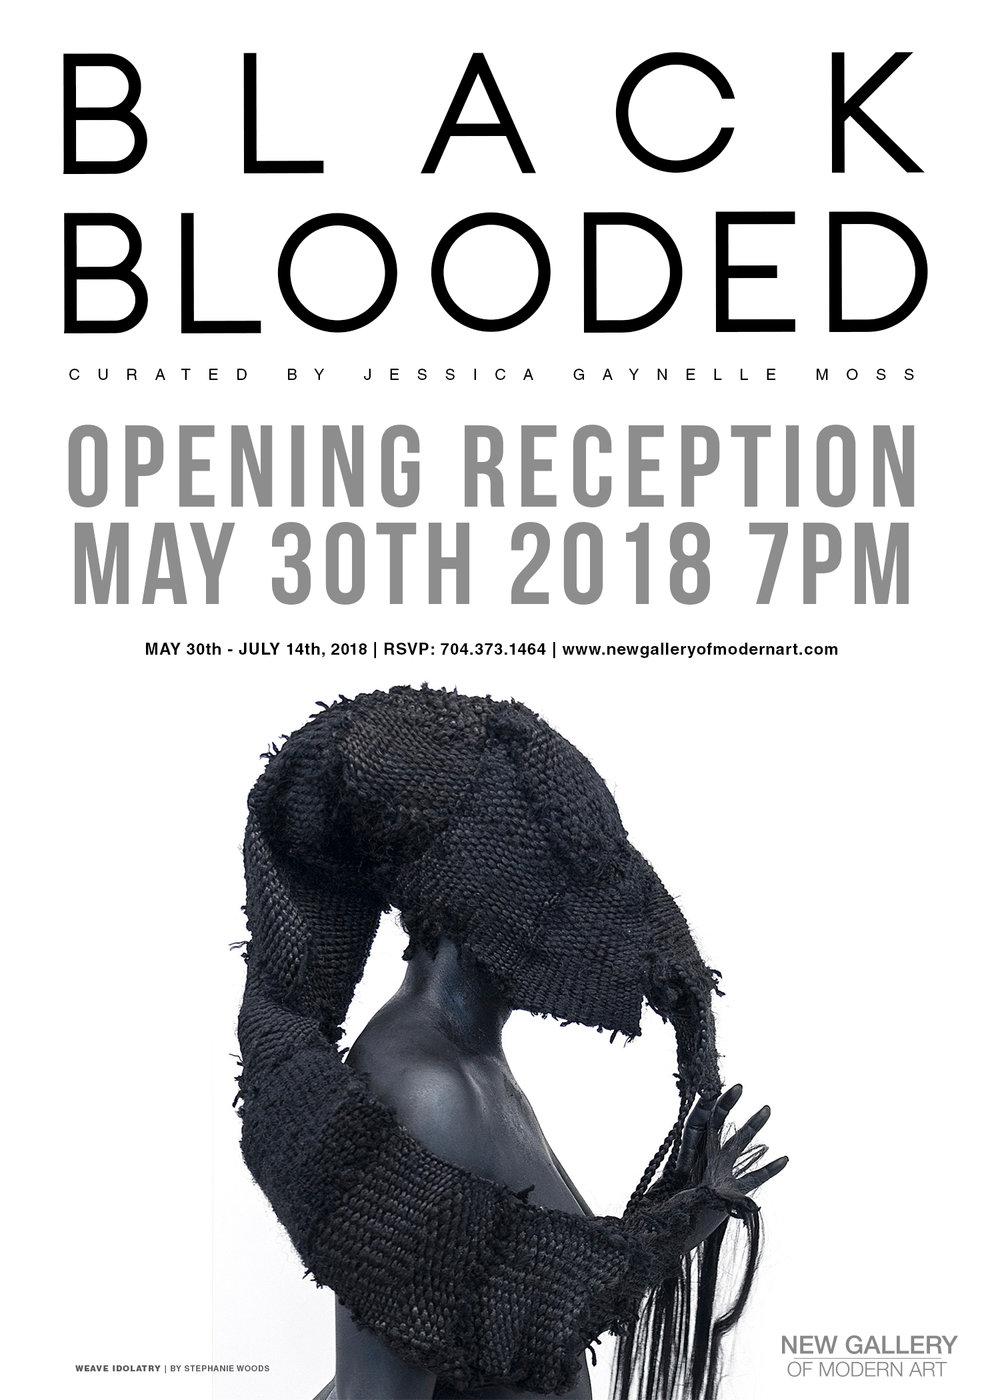 Black Blooded, New Museum Of Modern Art, Jessica Gaynelle, KINDR'D Magazine, KINDR'D, KOLUMN Magazine, KOLUMN